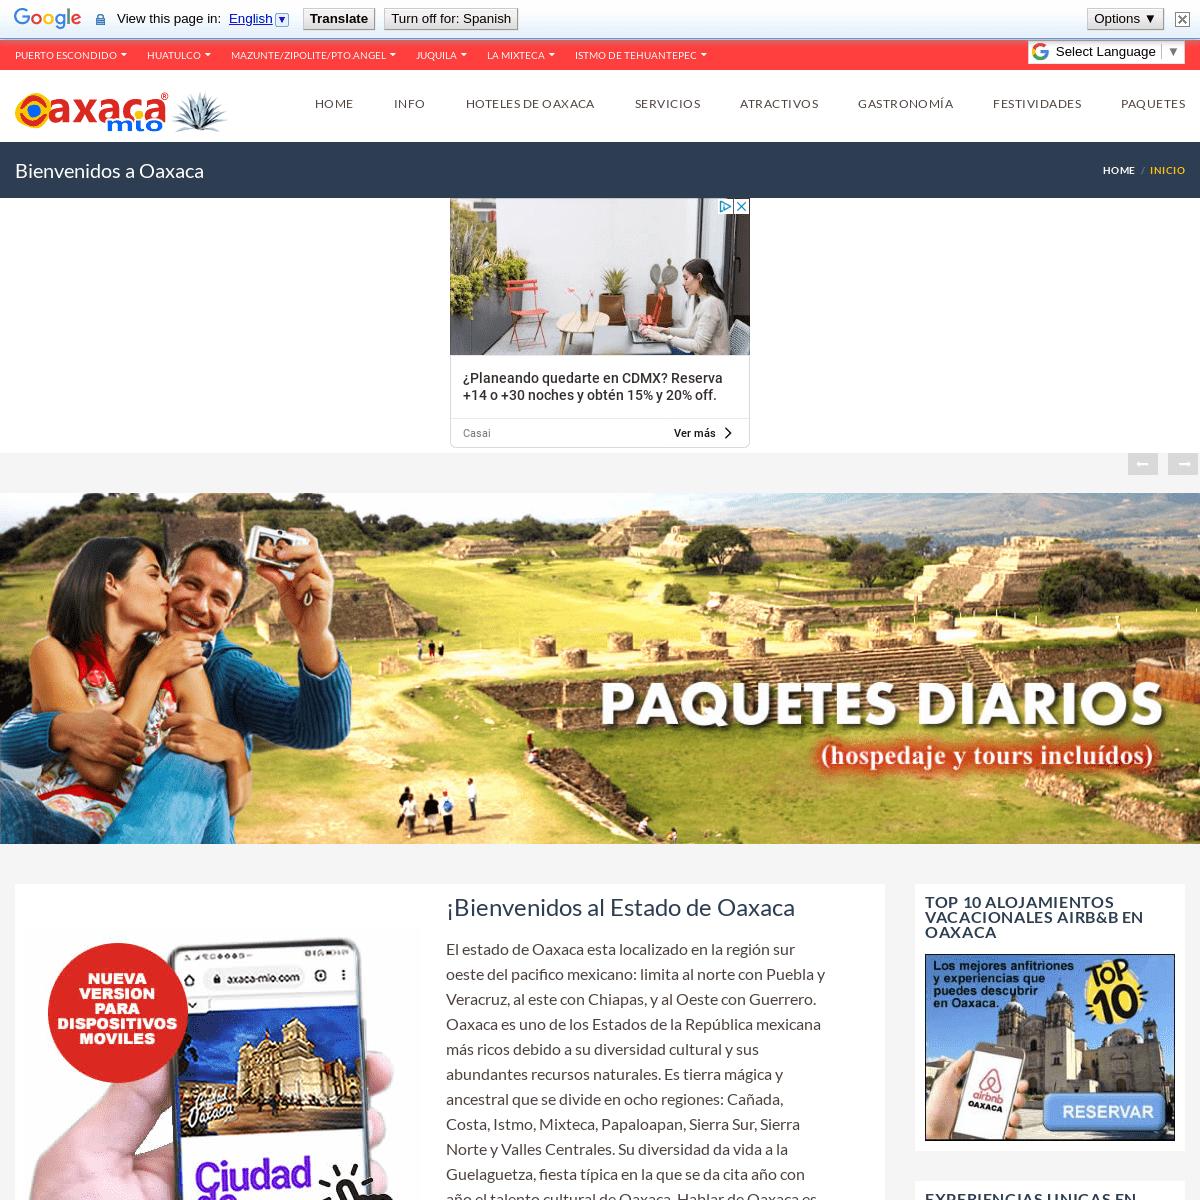 OAXACA MIO - The perfect guide to know Oaxaca - Hoteles, mapas, restaurantes de Oaxaca y todo para tu viaje en Oaxaca, Puerto Es